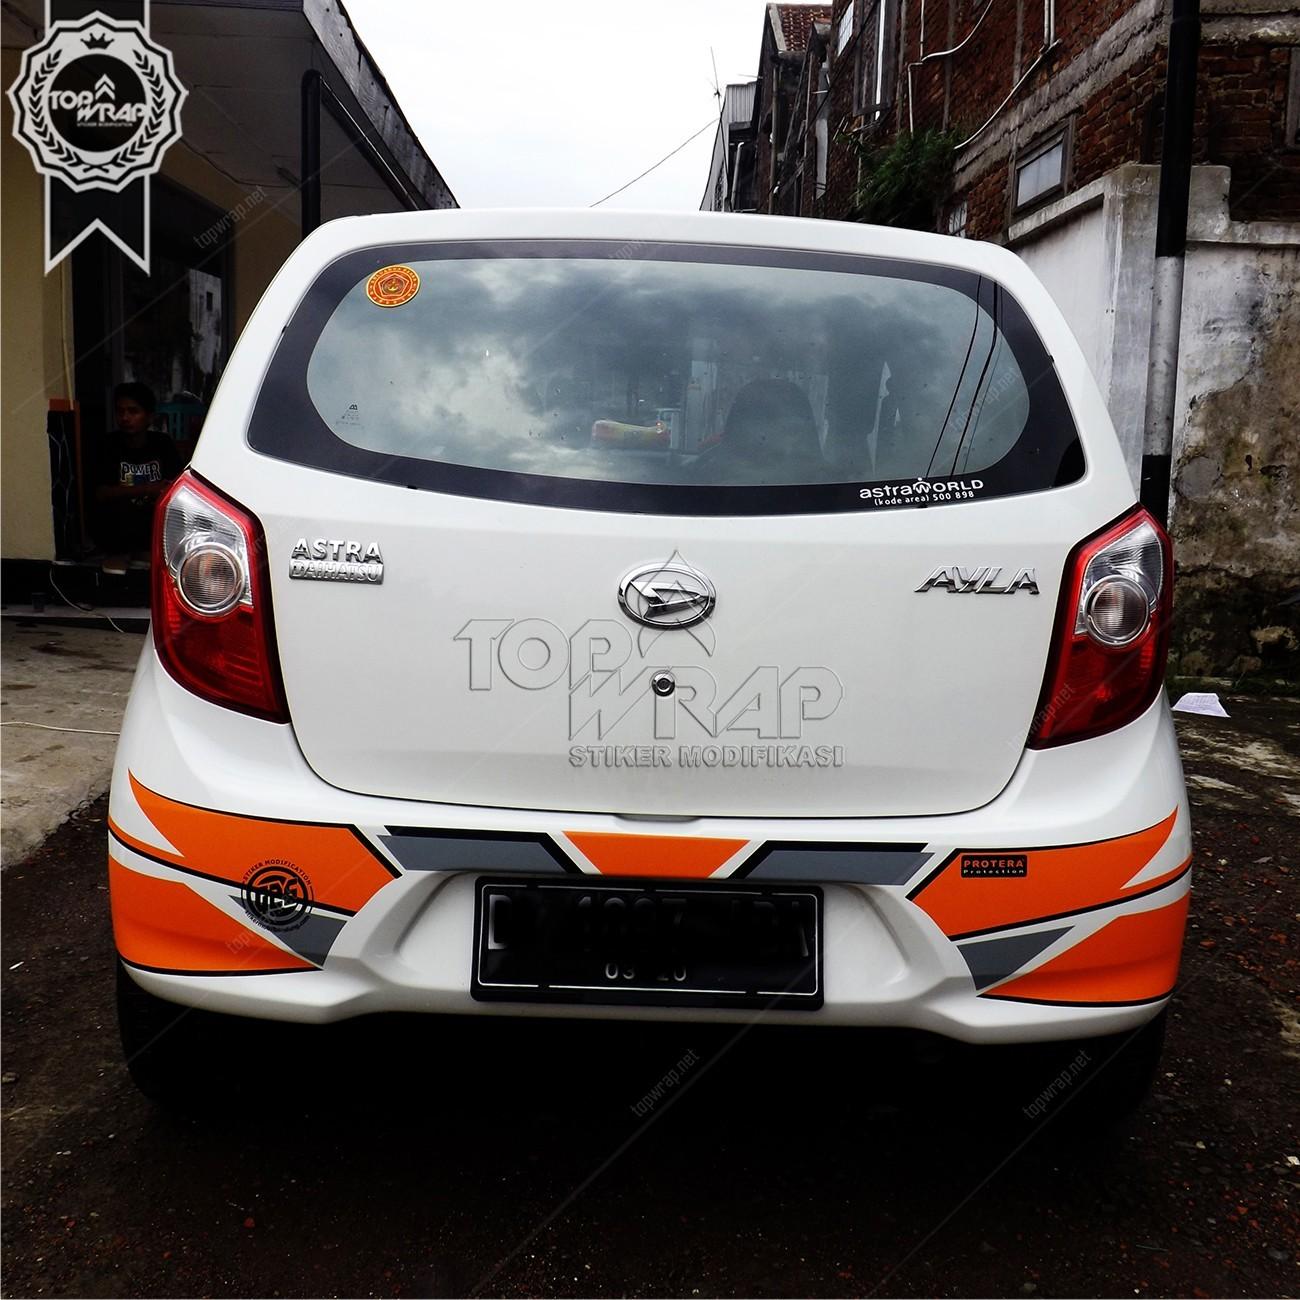 Jual Cutting Sticker Mobil Agya - Ayla di lapak Modis ...